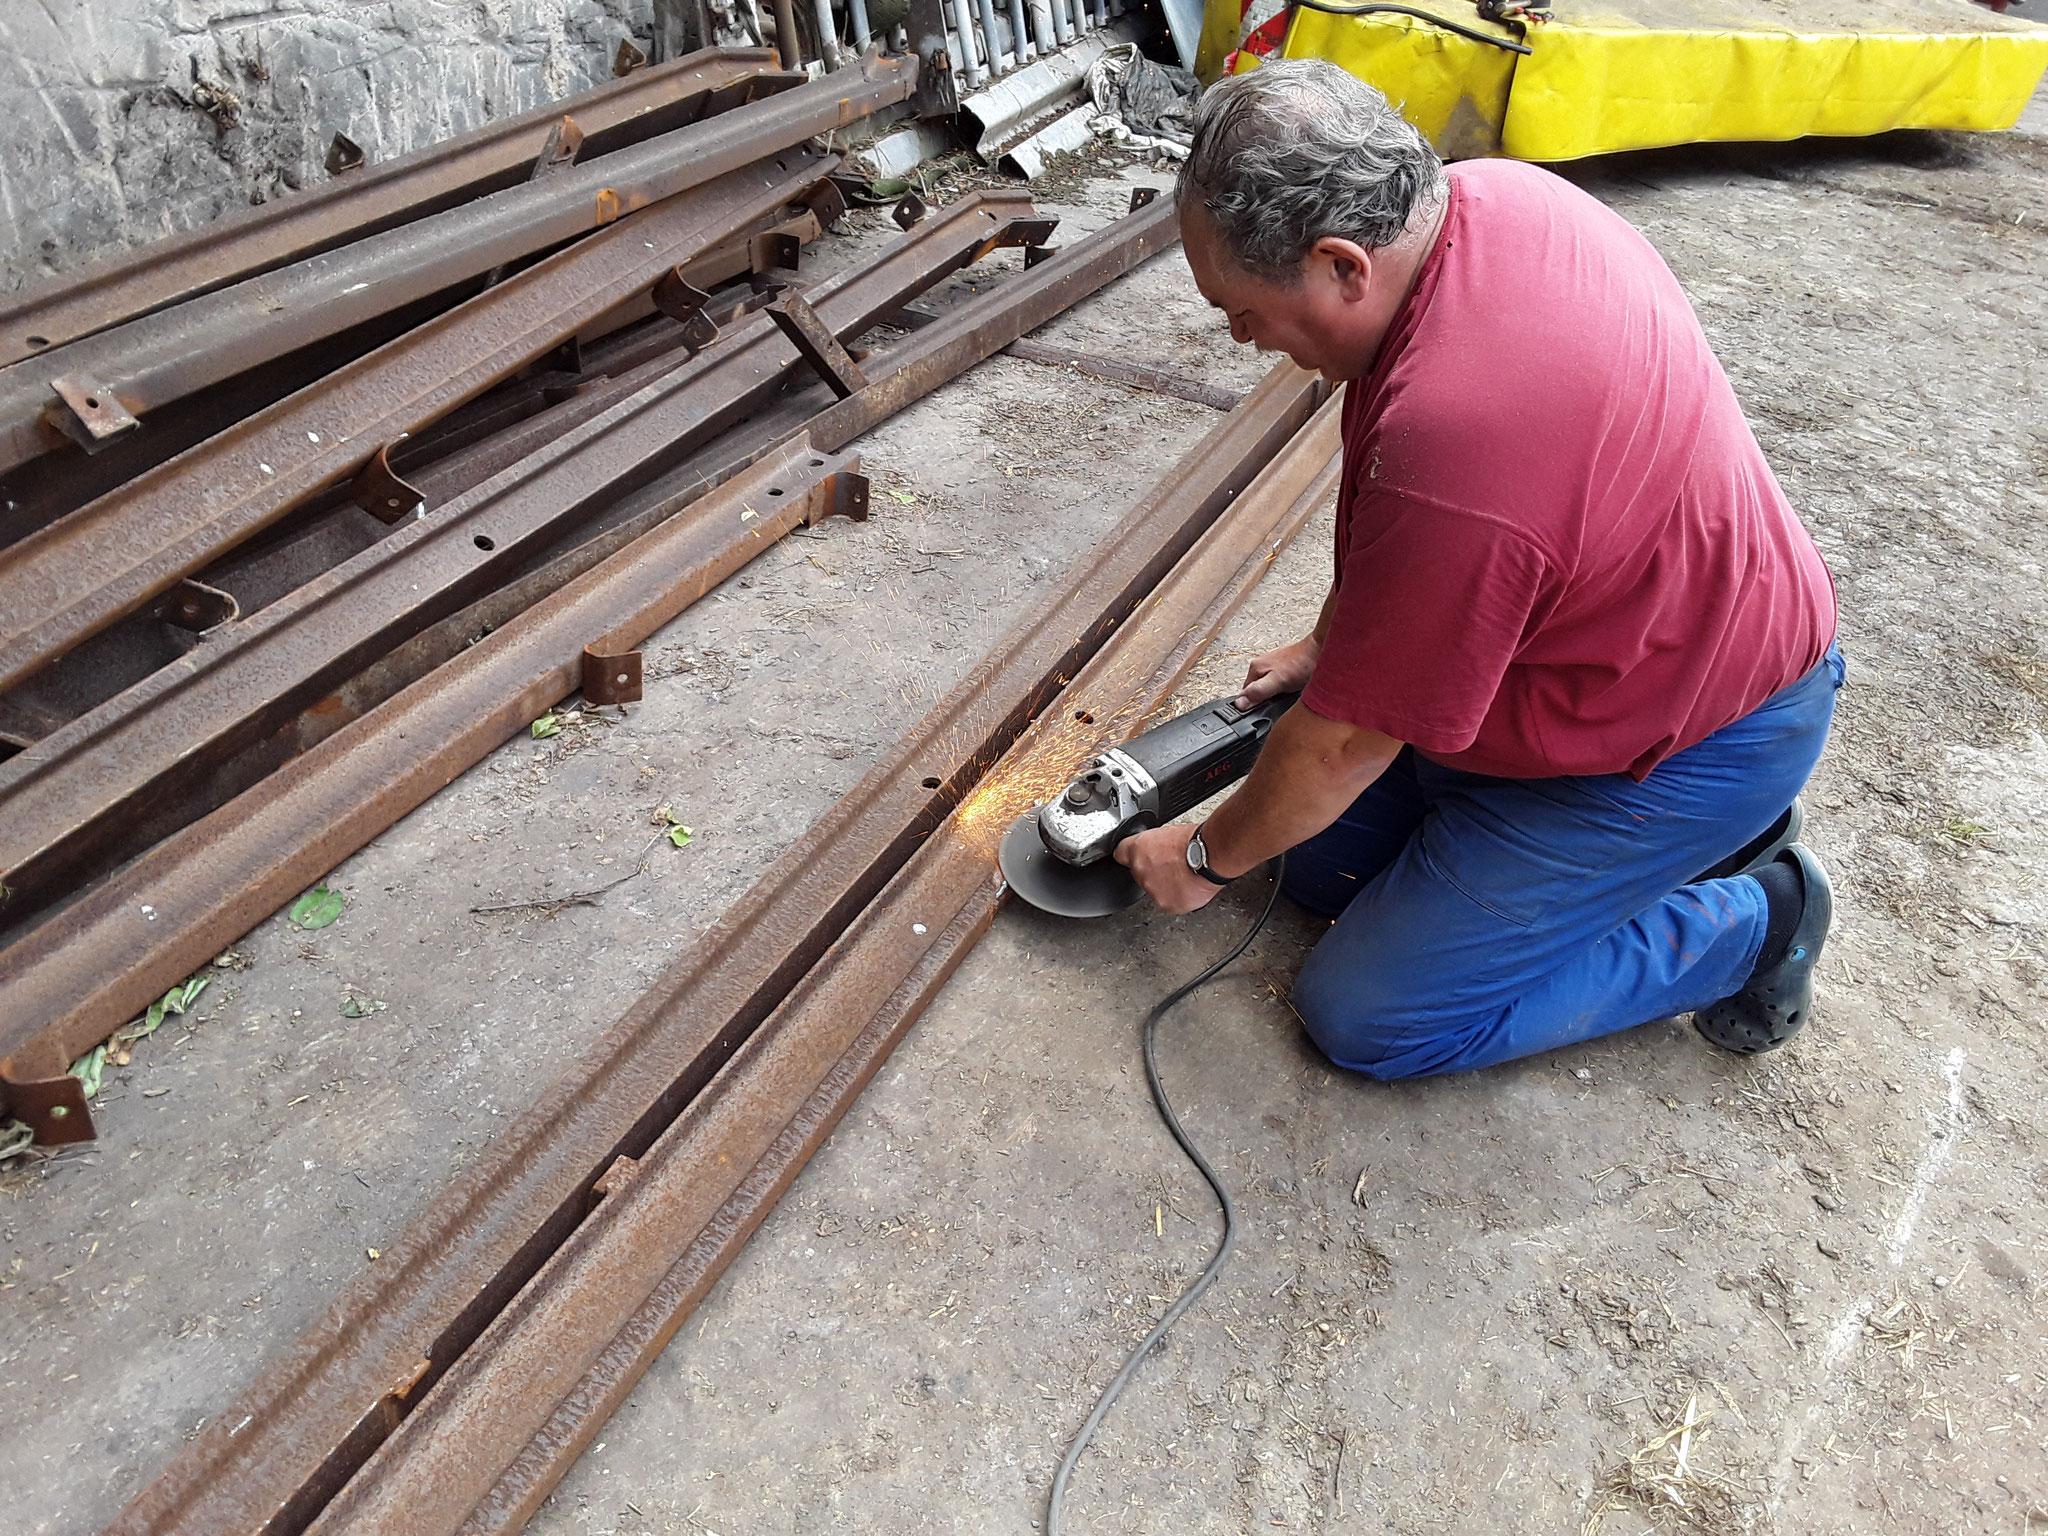 Angeschweißte Winkel und Verbinder mussten abgeschnitten und geschliffen werden